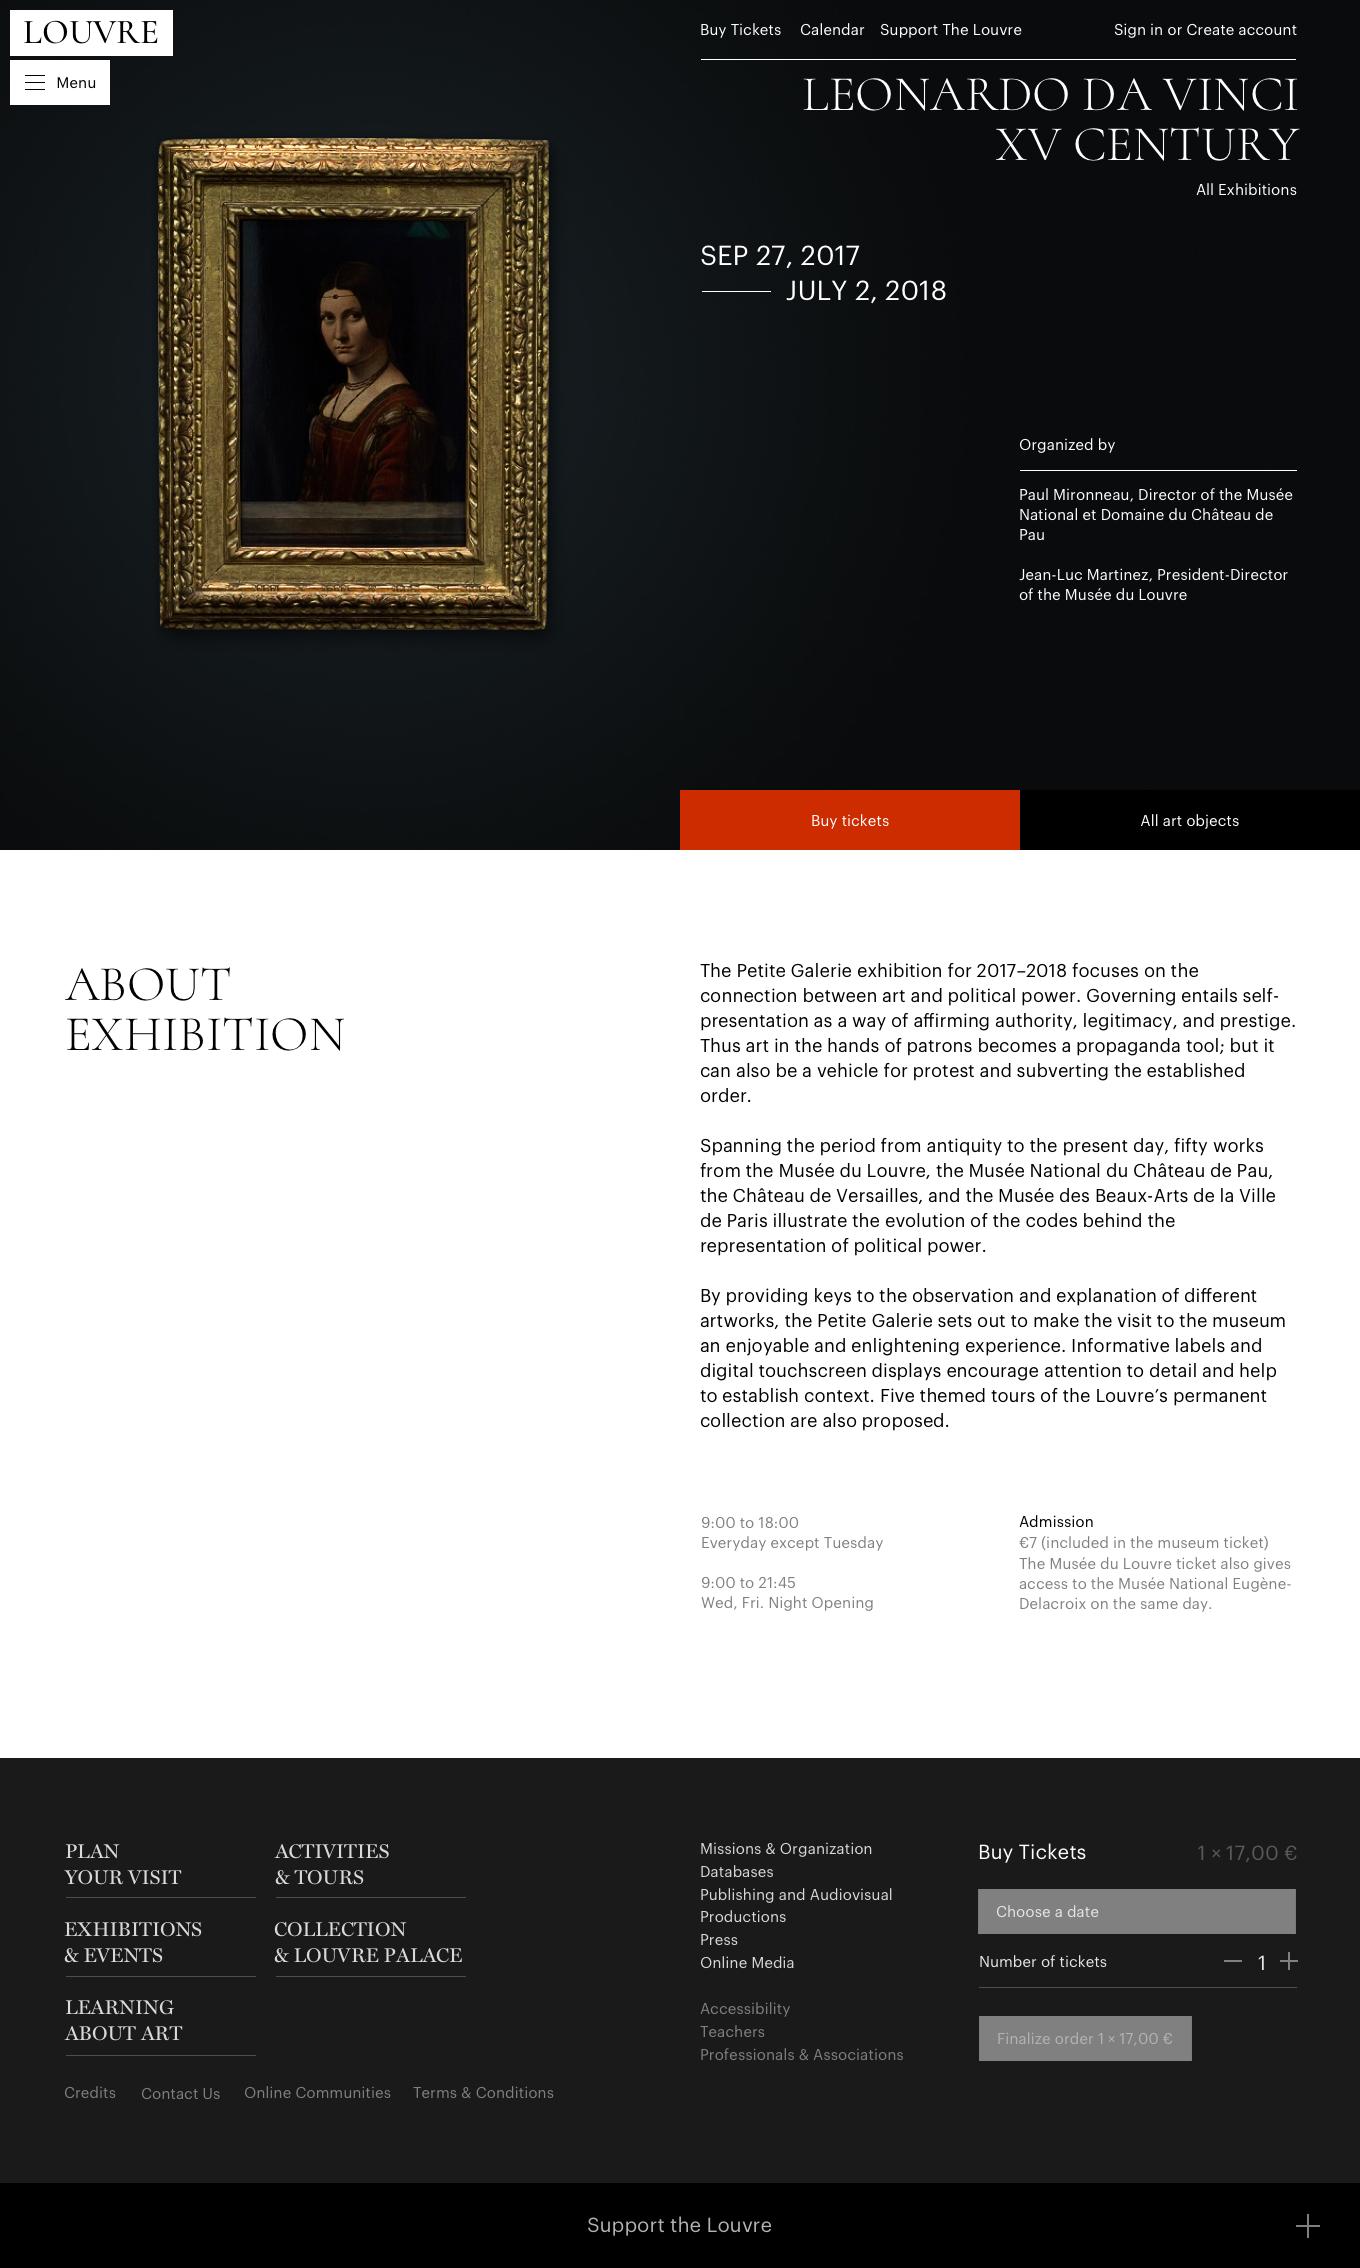 03_Exhibition